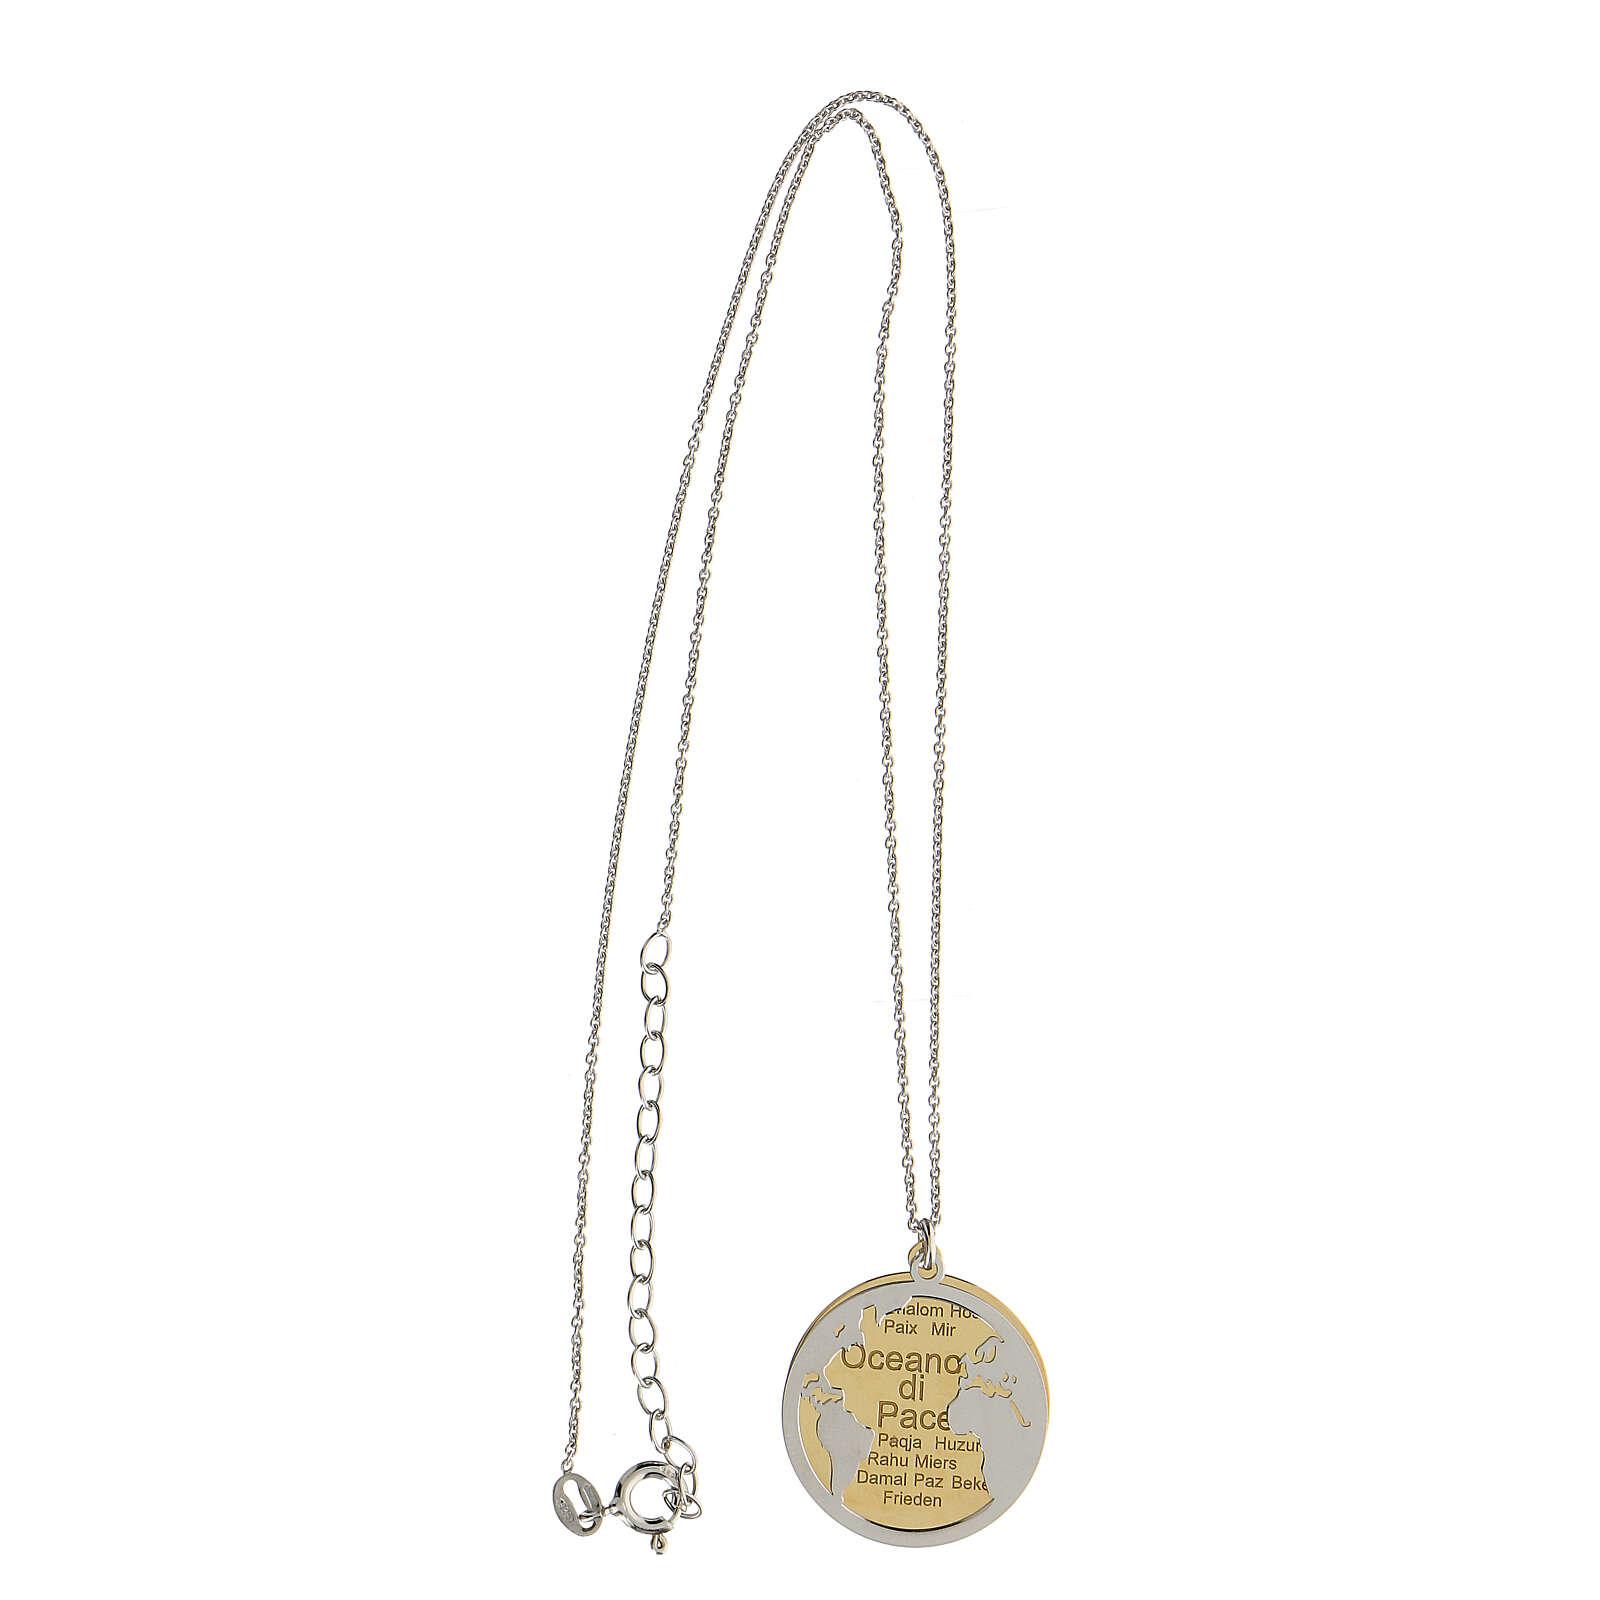 Double médaille Oceano di Pace argent 925 bicolore 4